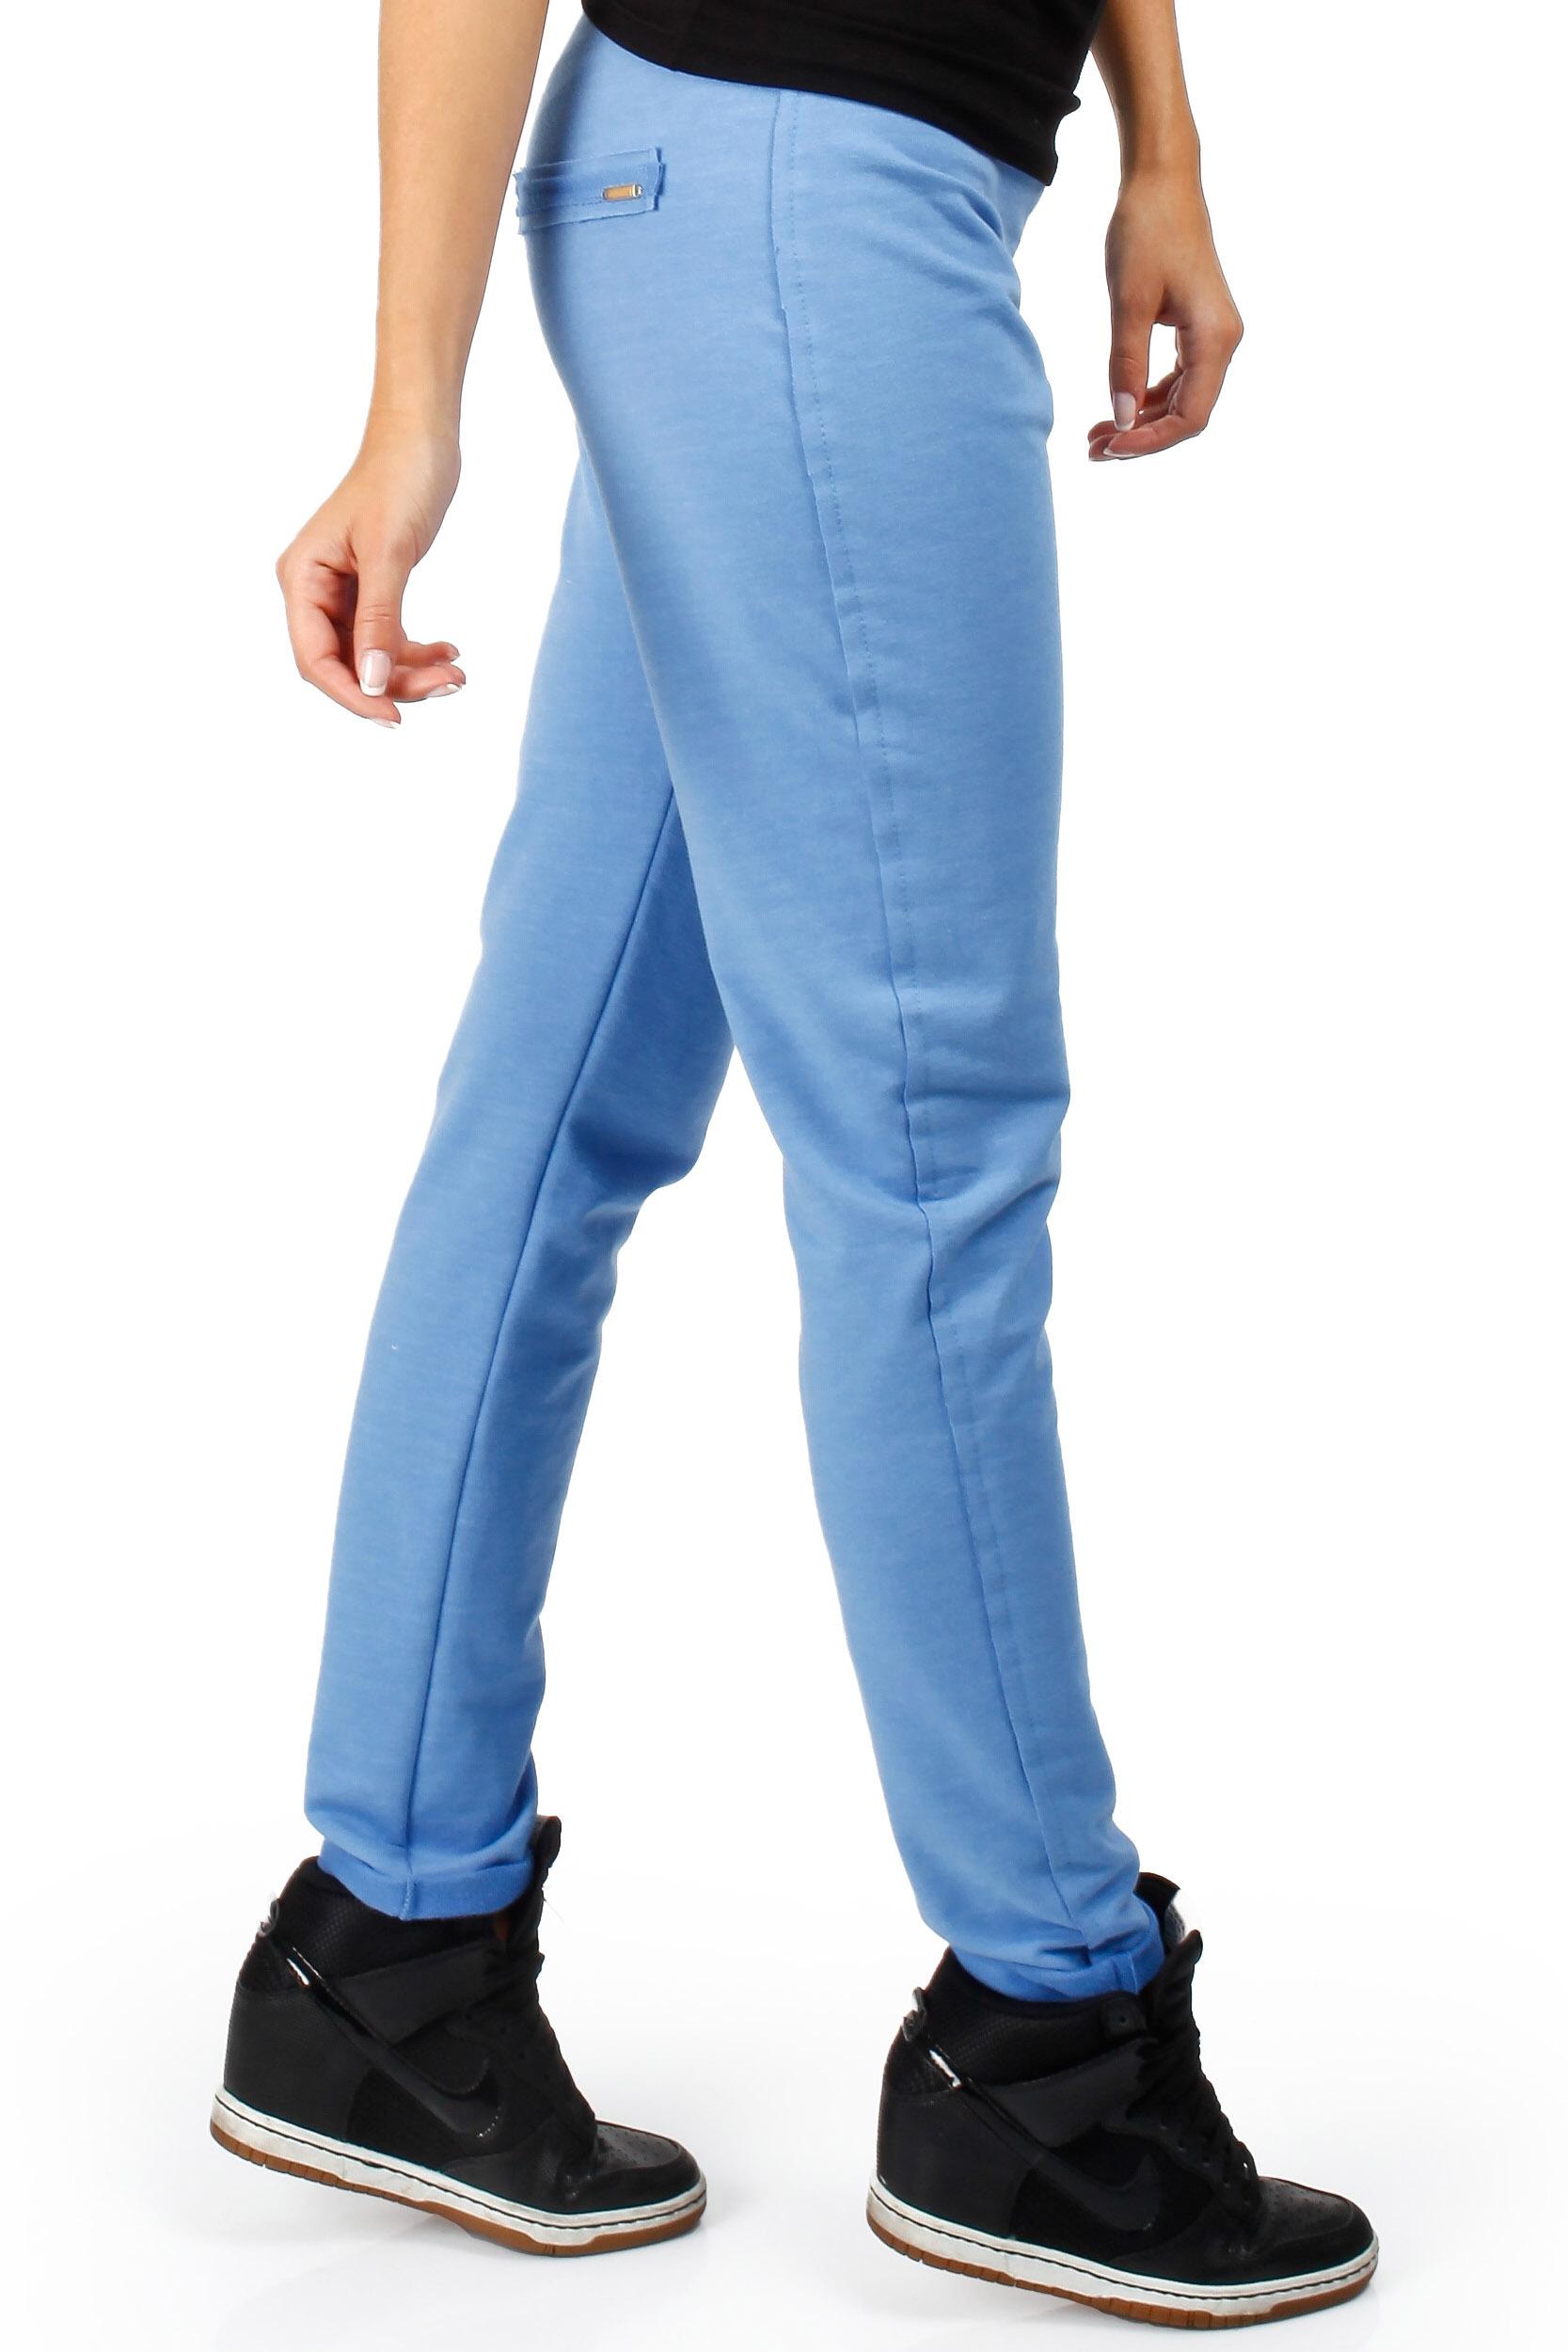 Pantaloni de trening model 23519 Moe